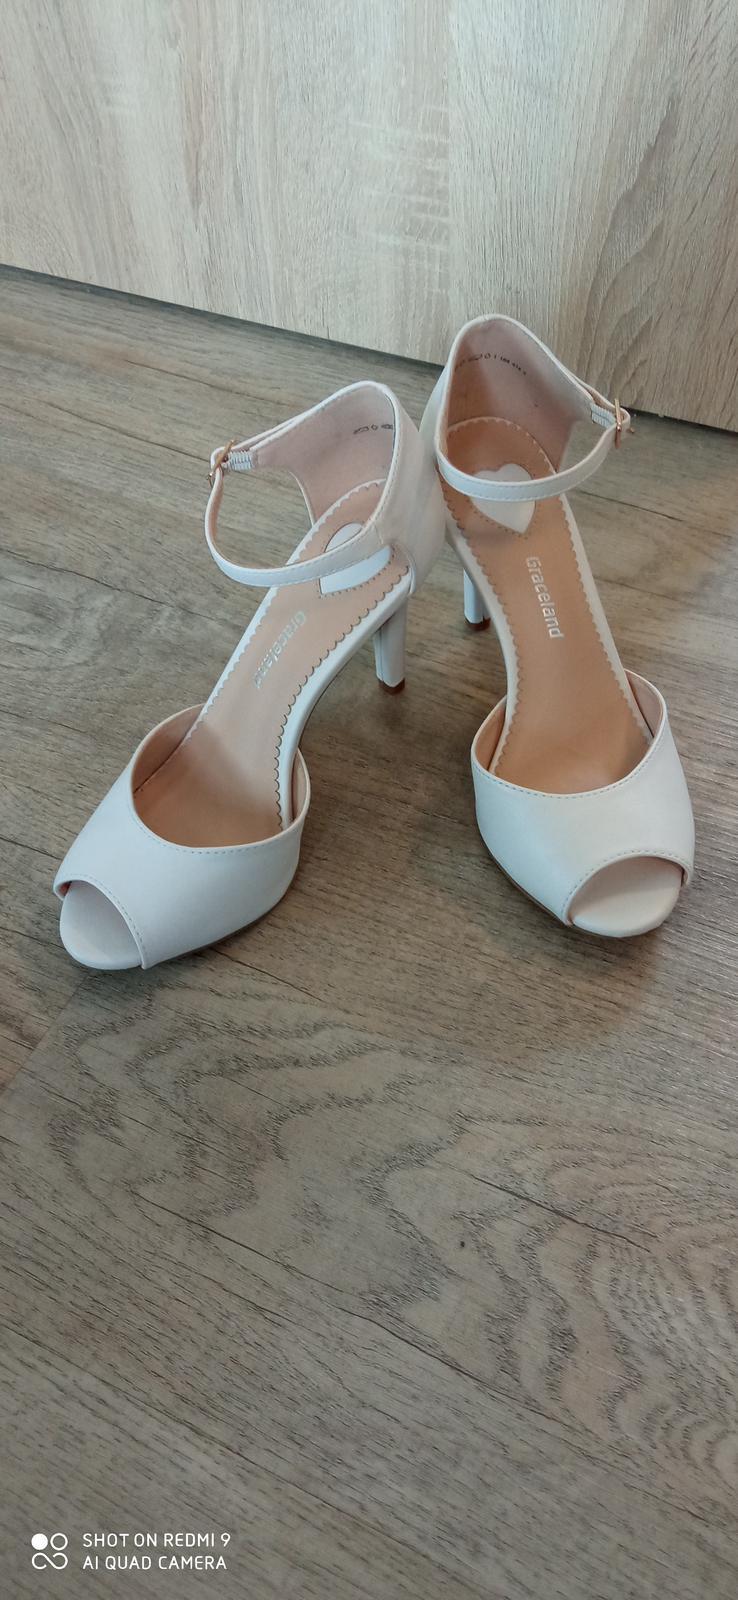 bílé boty vel. 38 - Obrázek č. 1